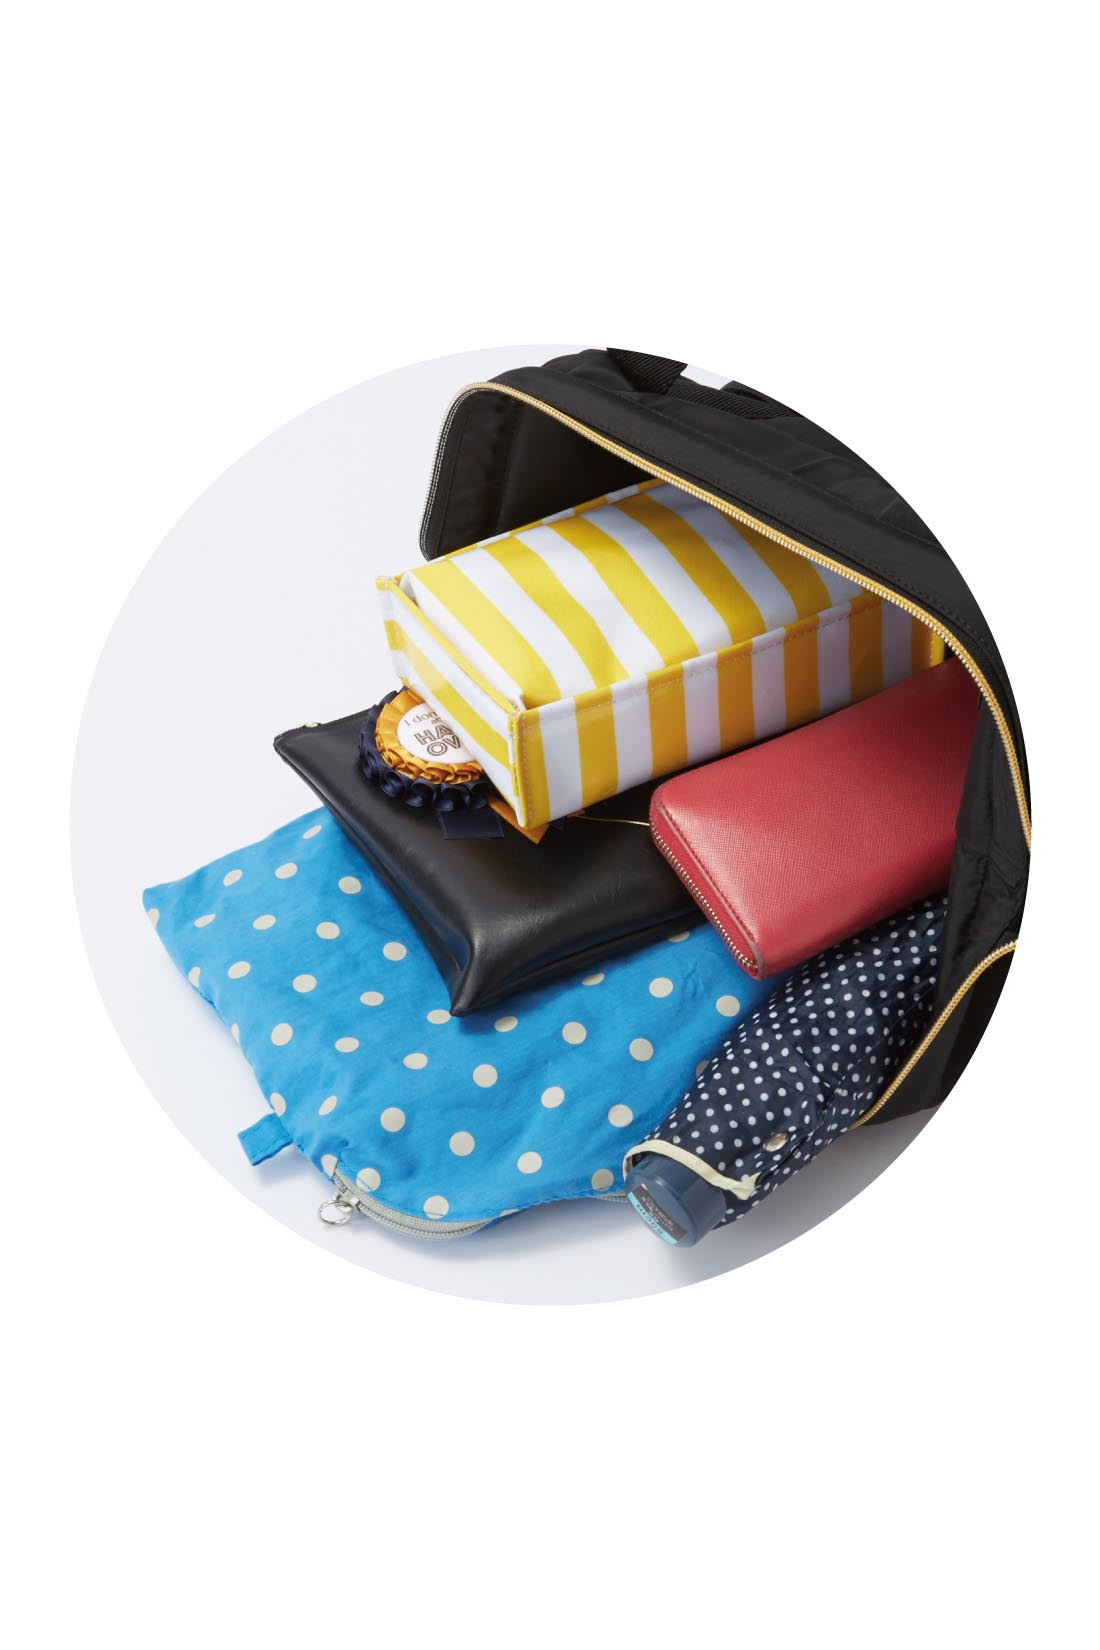 中にも外にもポケットがいっぱいで、小物整理がらくちん! ※お届けするカラーとは異なります。